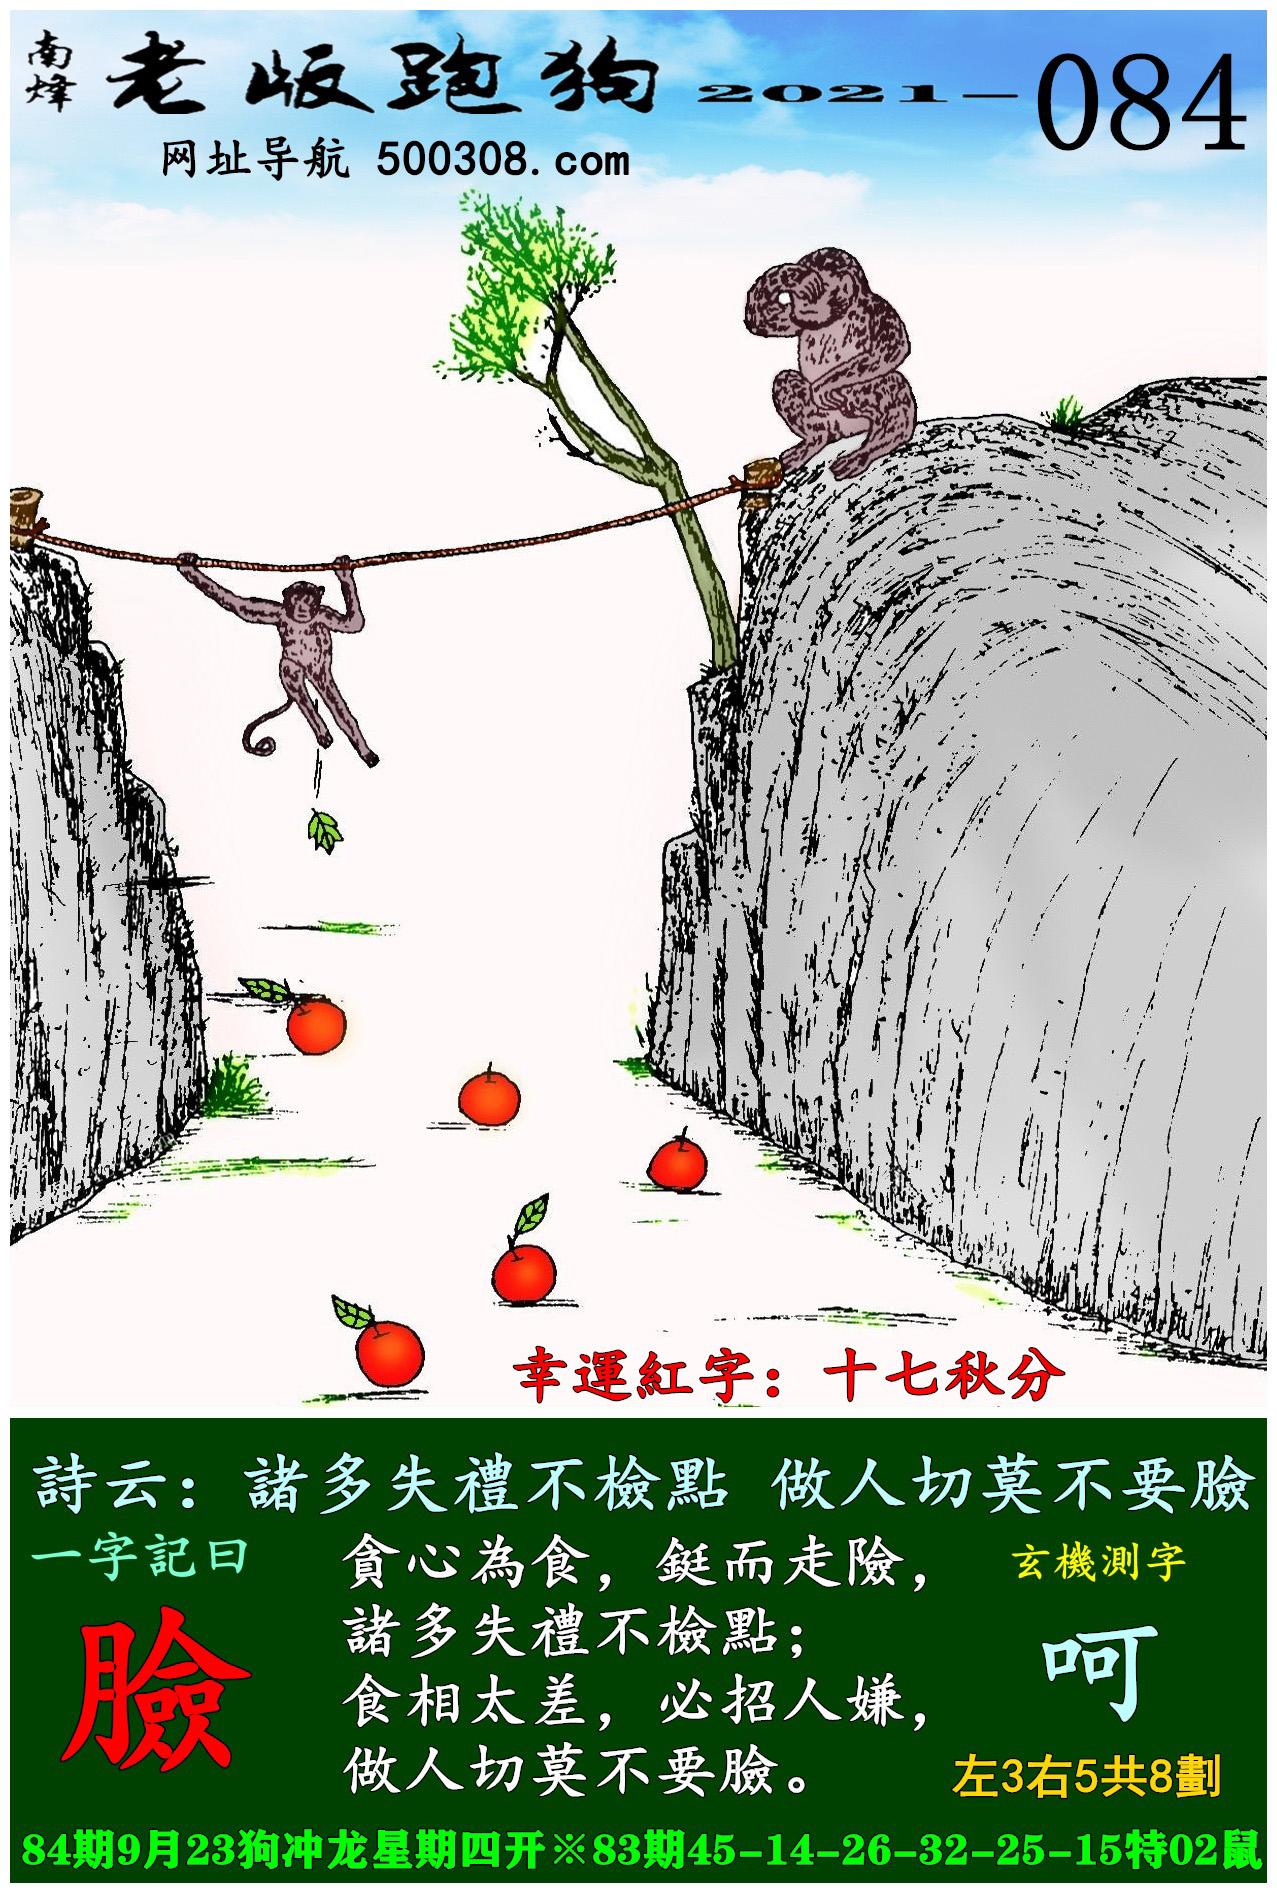 084期老版跑狗一字�之曰:【�】_��:�T多失�Y不�z�c,做人切莫不要�。